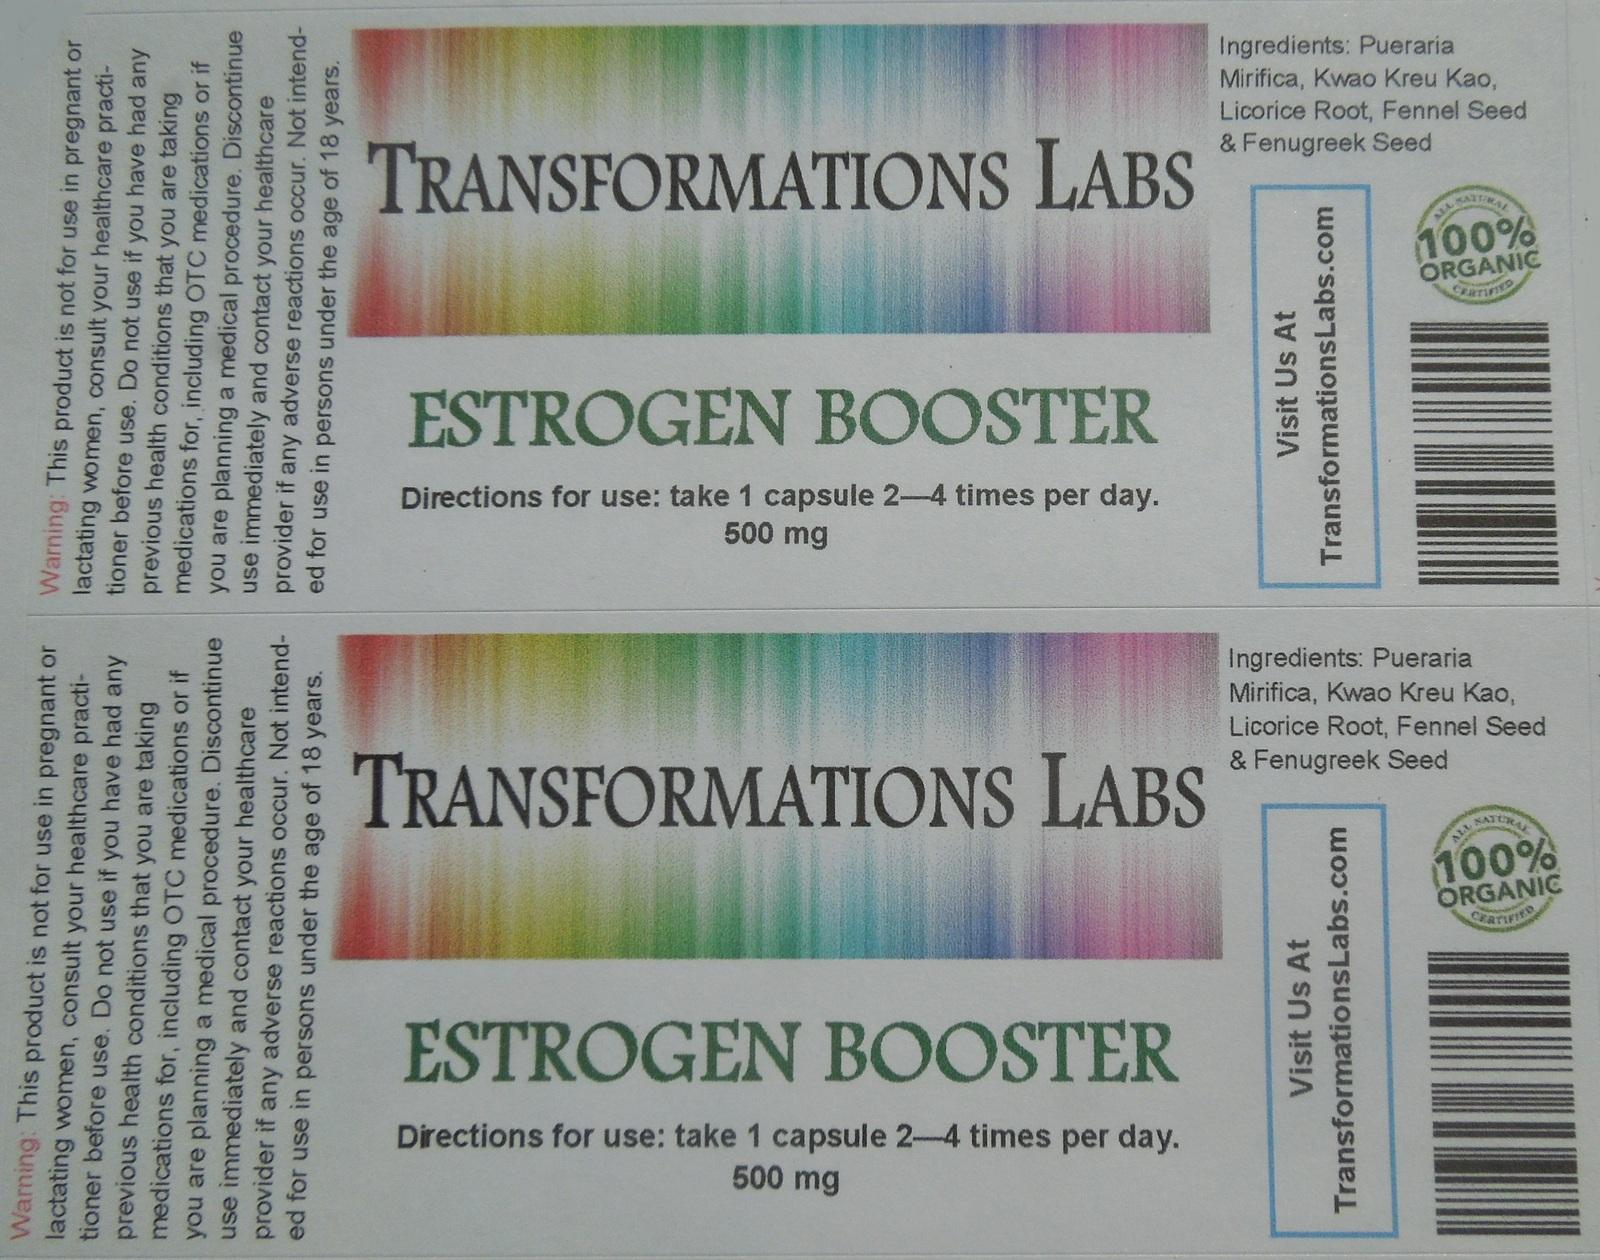 Mtf-Transgender Male -Female Bisexual Gender Fluid Transgender Sex Change K - Other-6948